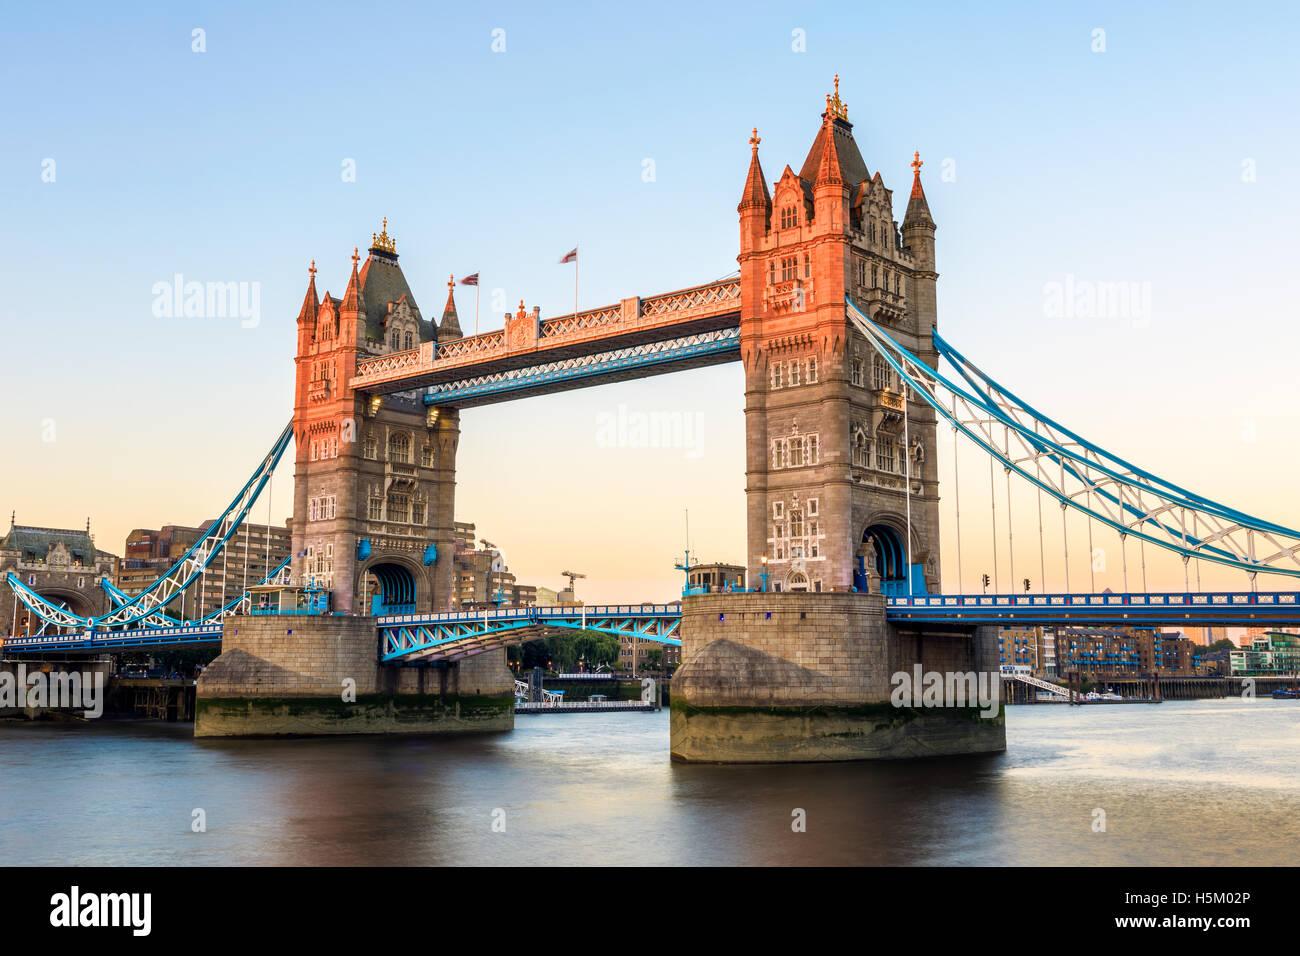 Tower Bridge de Londres al atardecer, proyectando una luz naranja por parte del puente Imagen De Stock